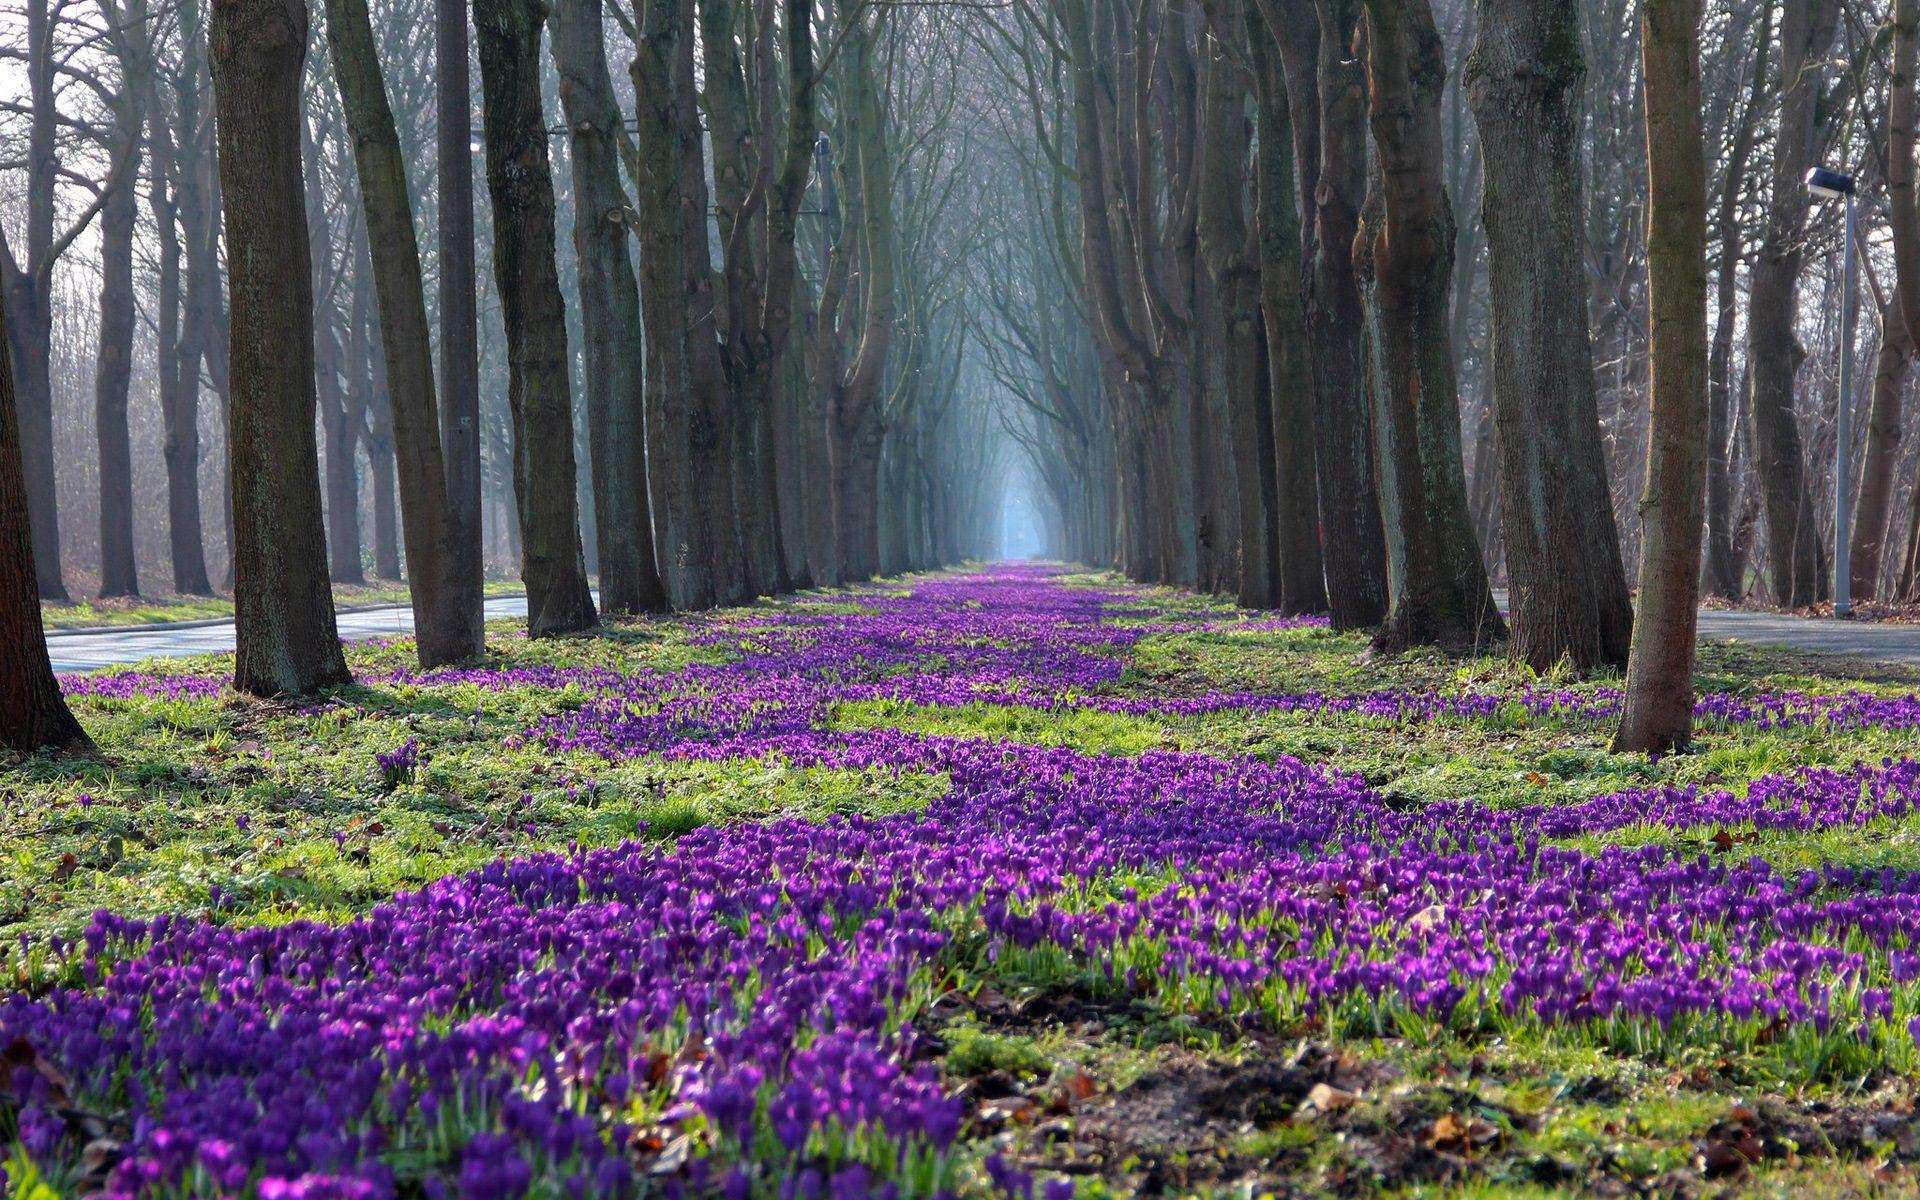 Spring Landscape Pictures Google Search Spring Landscape Landscape Tree